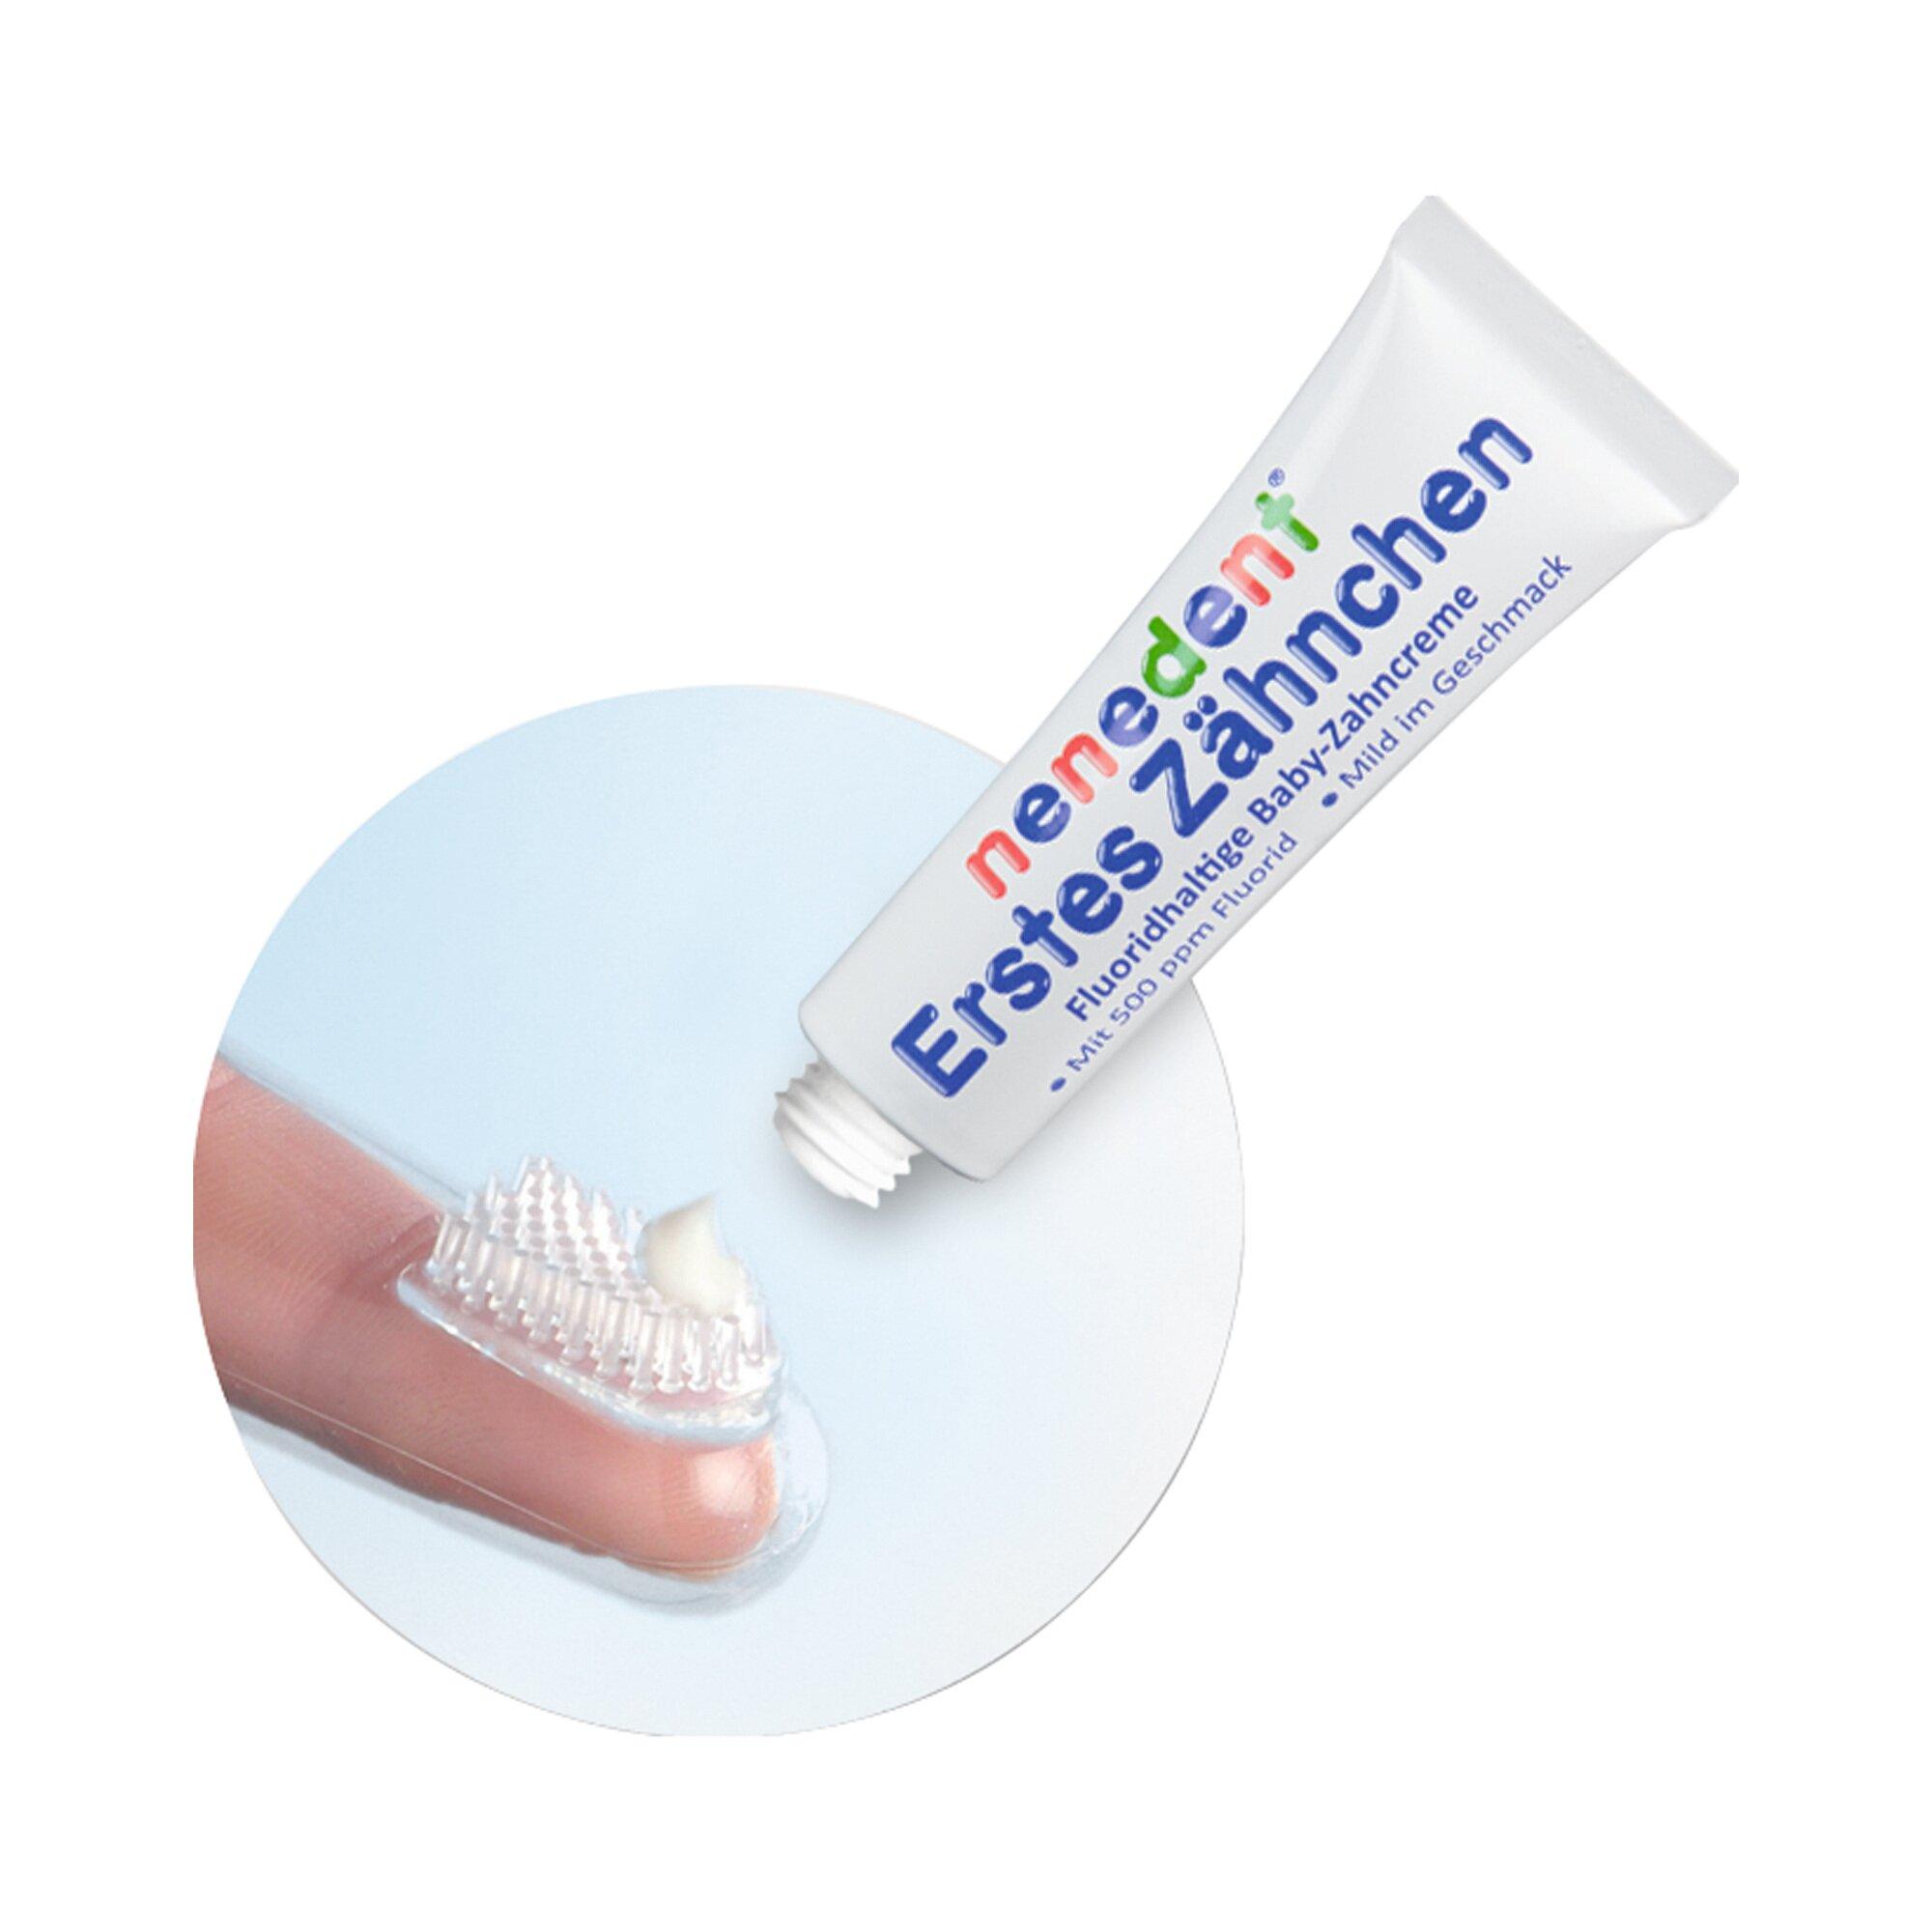 dentinox-finger-zahnburste-mit-zahnpasta